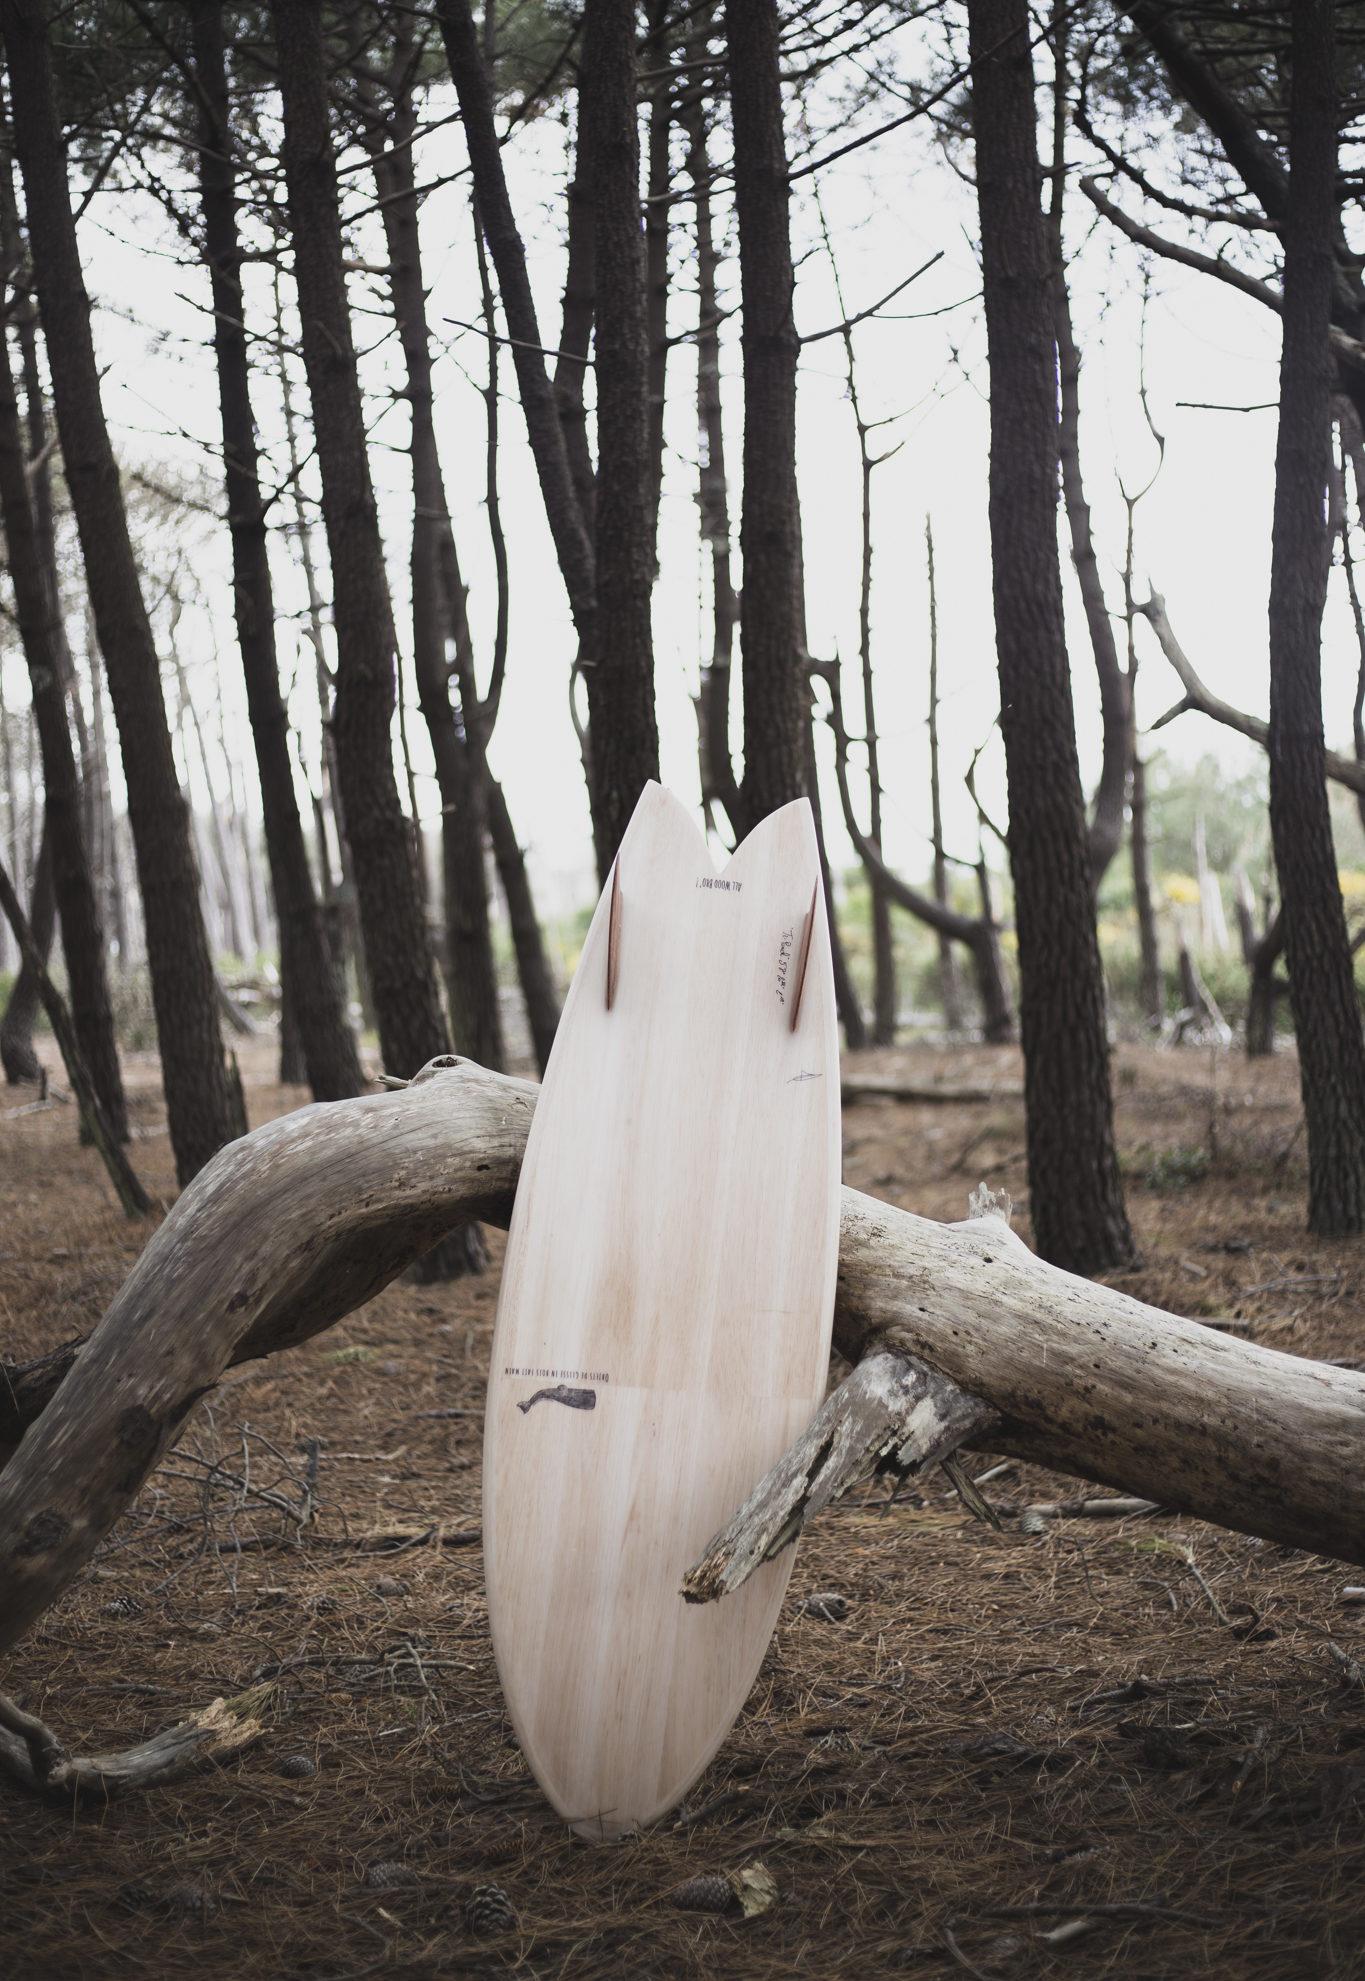 cachalot surfboards balsa planche surf handmade artisan shaper hollow bois scorbut